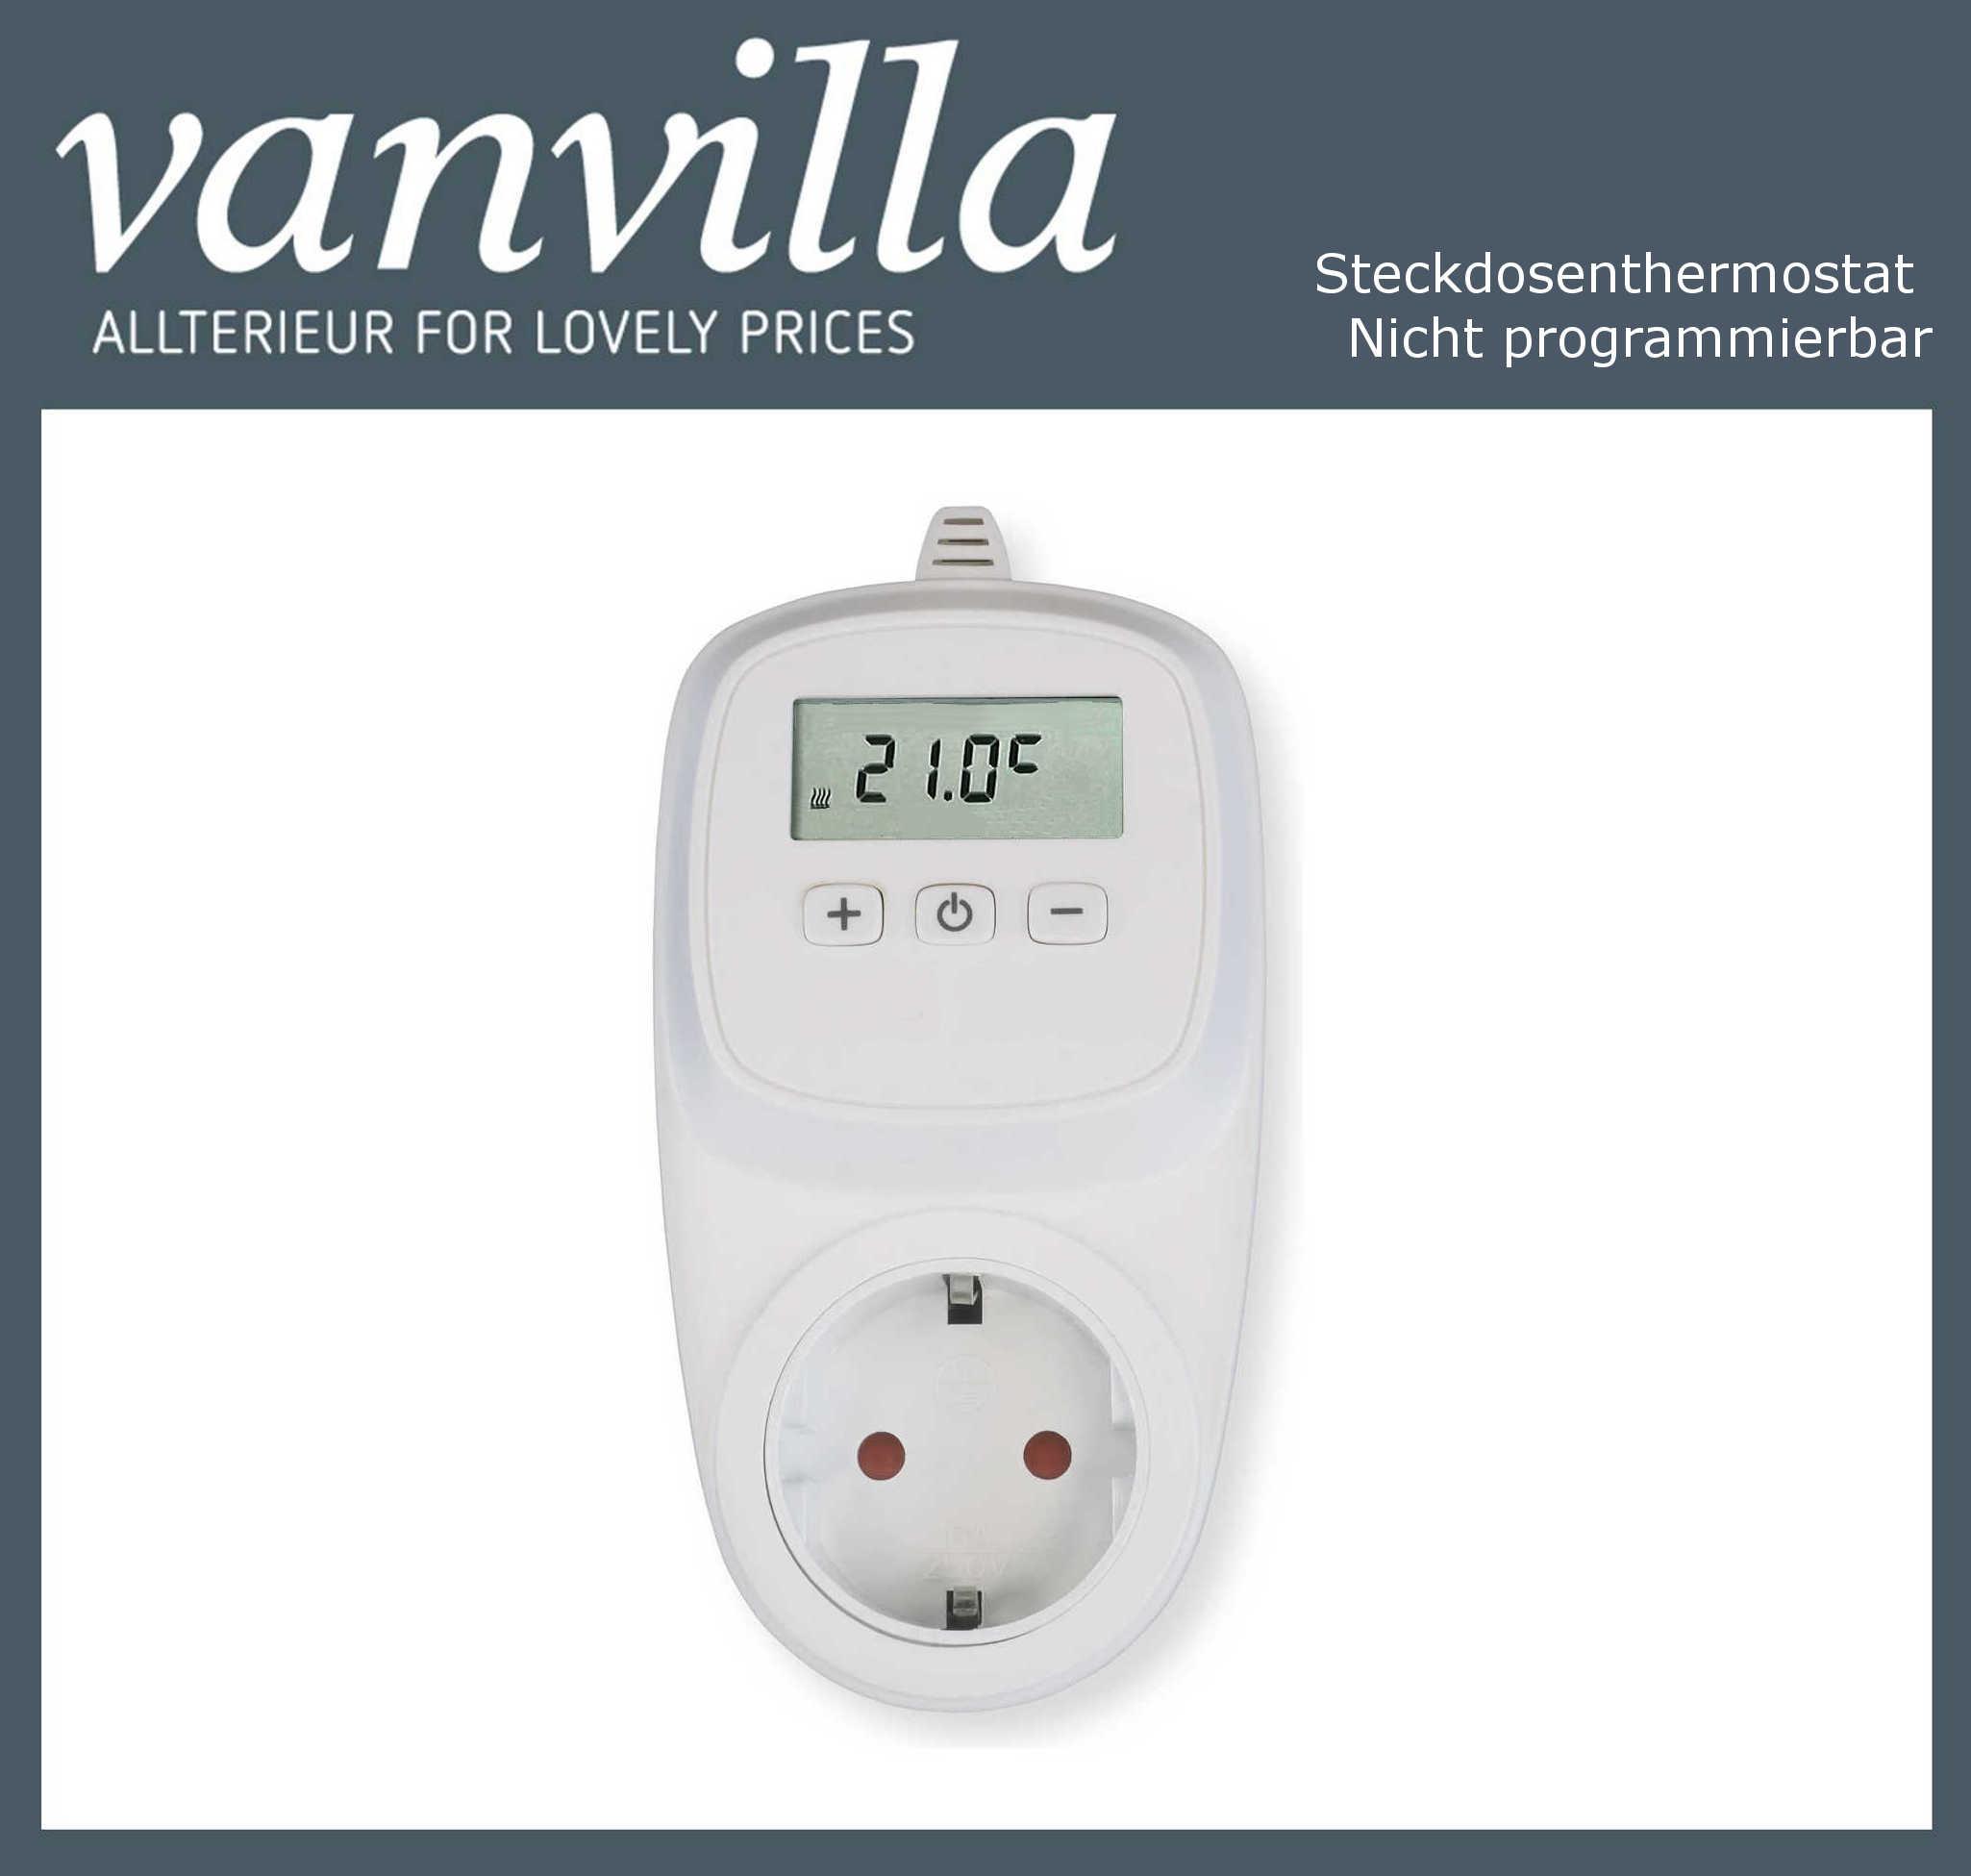 vanvilla Steckdosenthermostat nicht programmierbar, für Infrarotpaneel geeignet